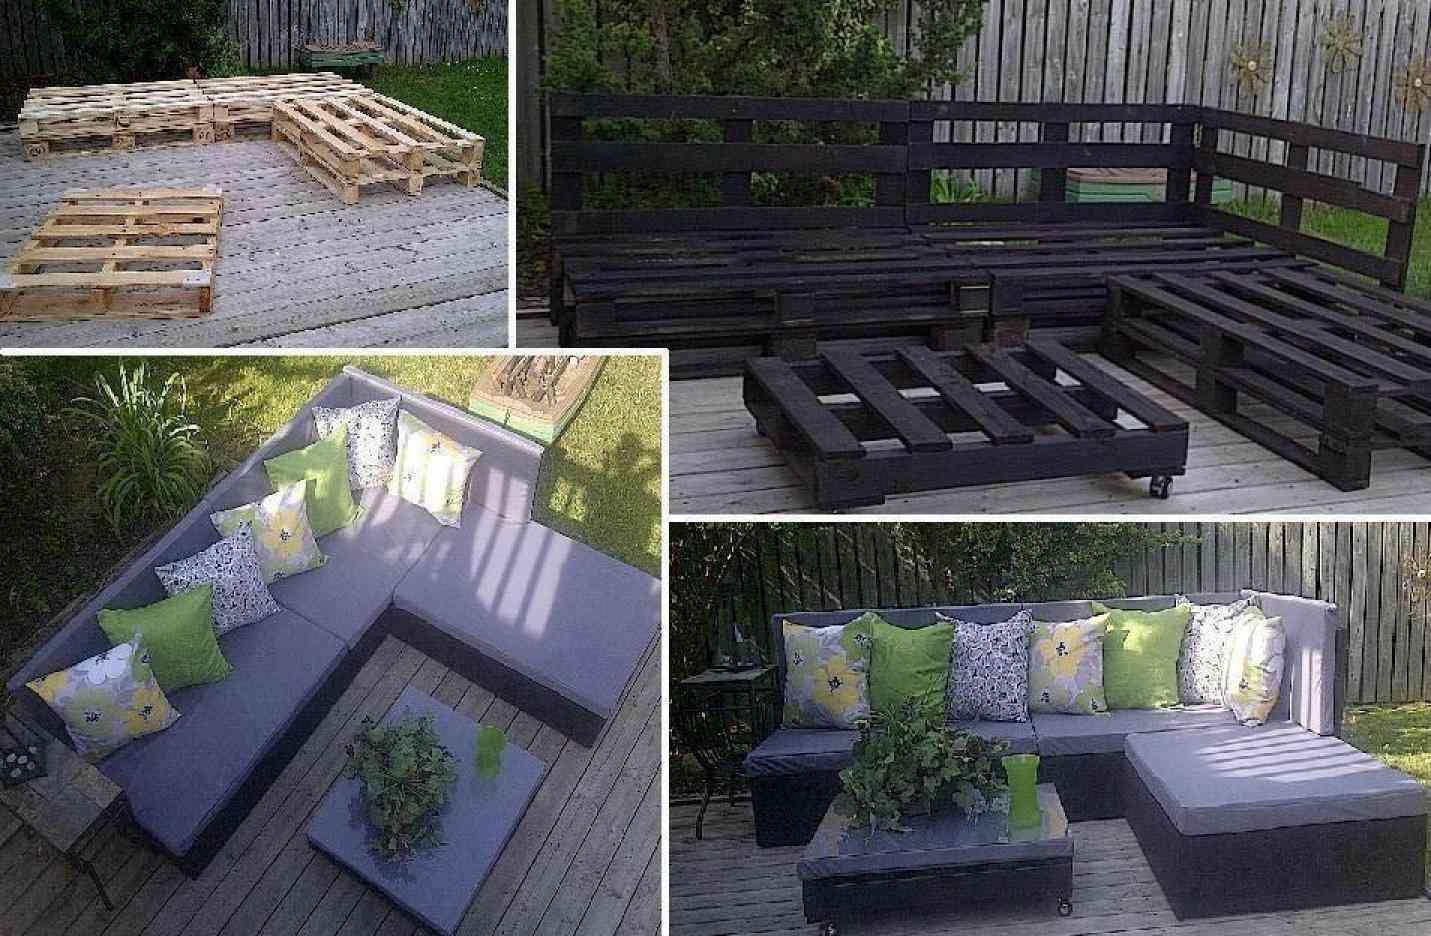 10 muebles para exteriores diy hazlos tu mismo for Sillon con palets reciclados